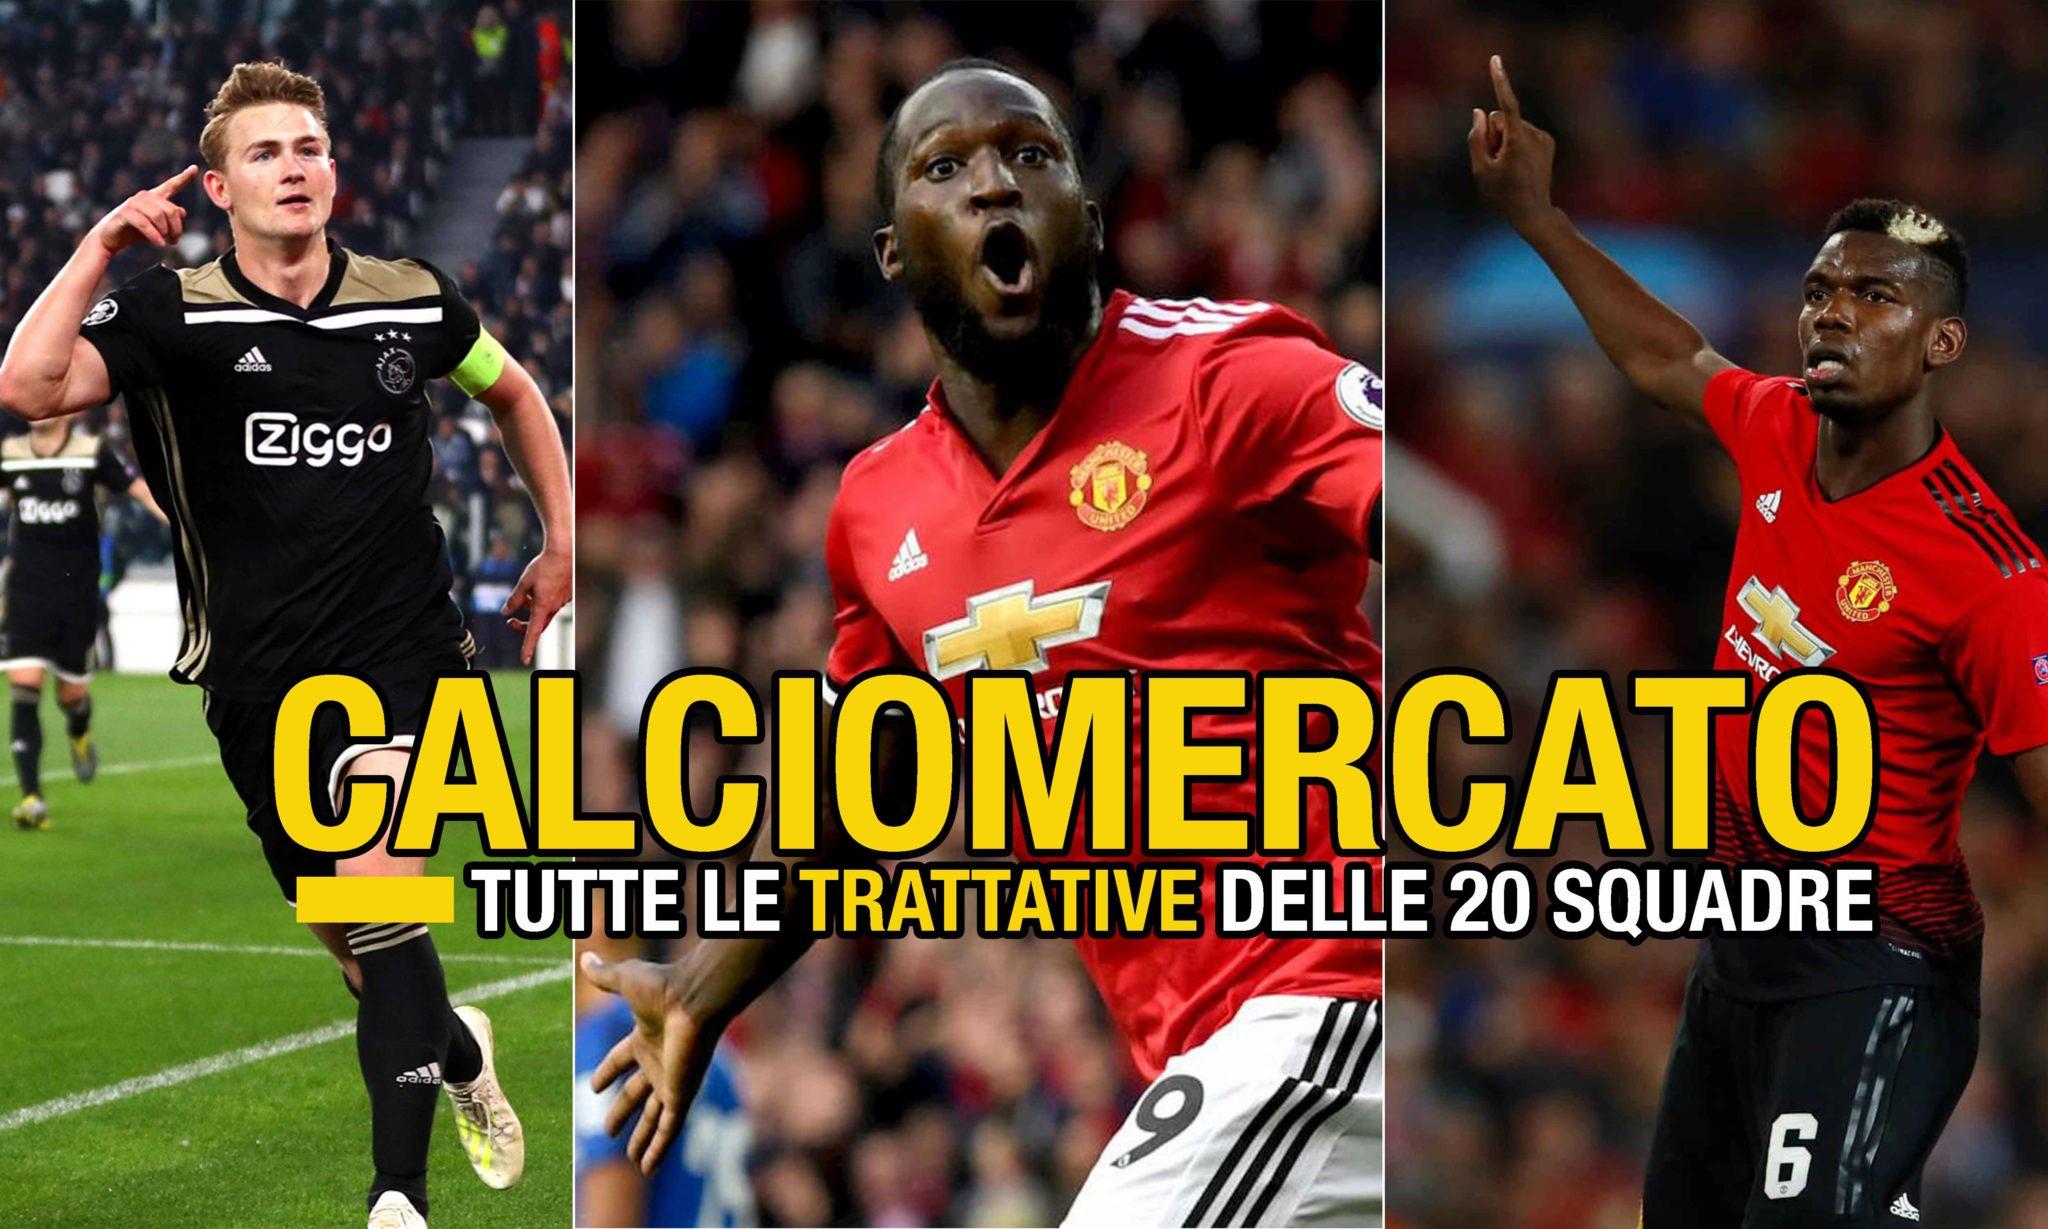 Calciomercato Serie A Acquisti Cessioni E Obiettivi Delle 20 Squadre Italiane Footballnews24 It